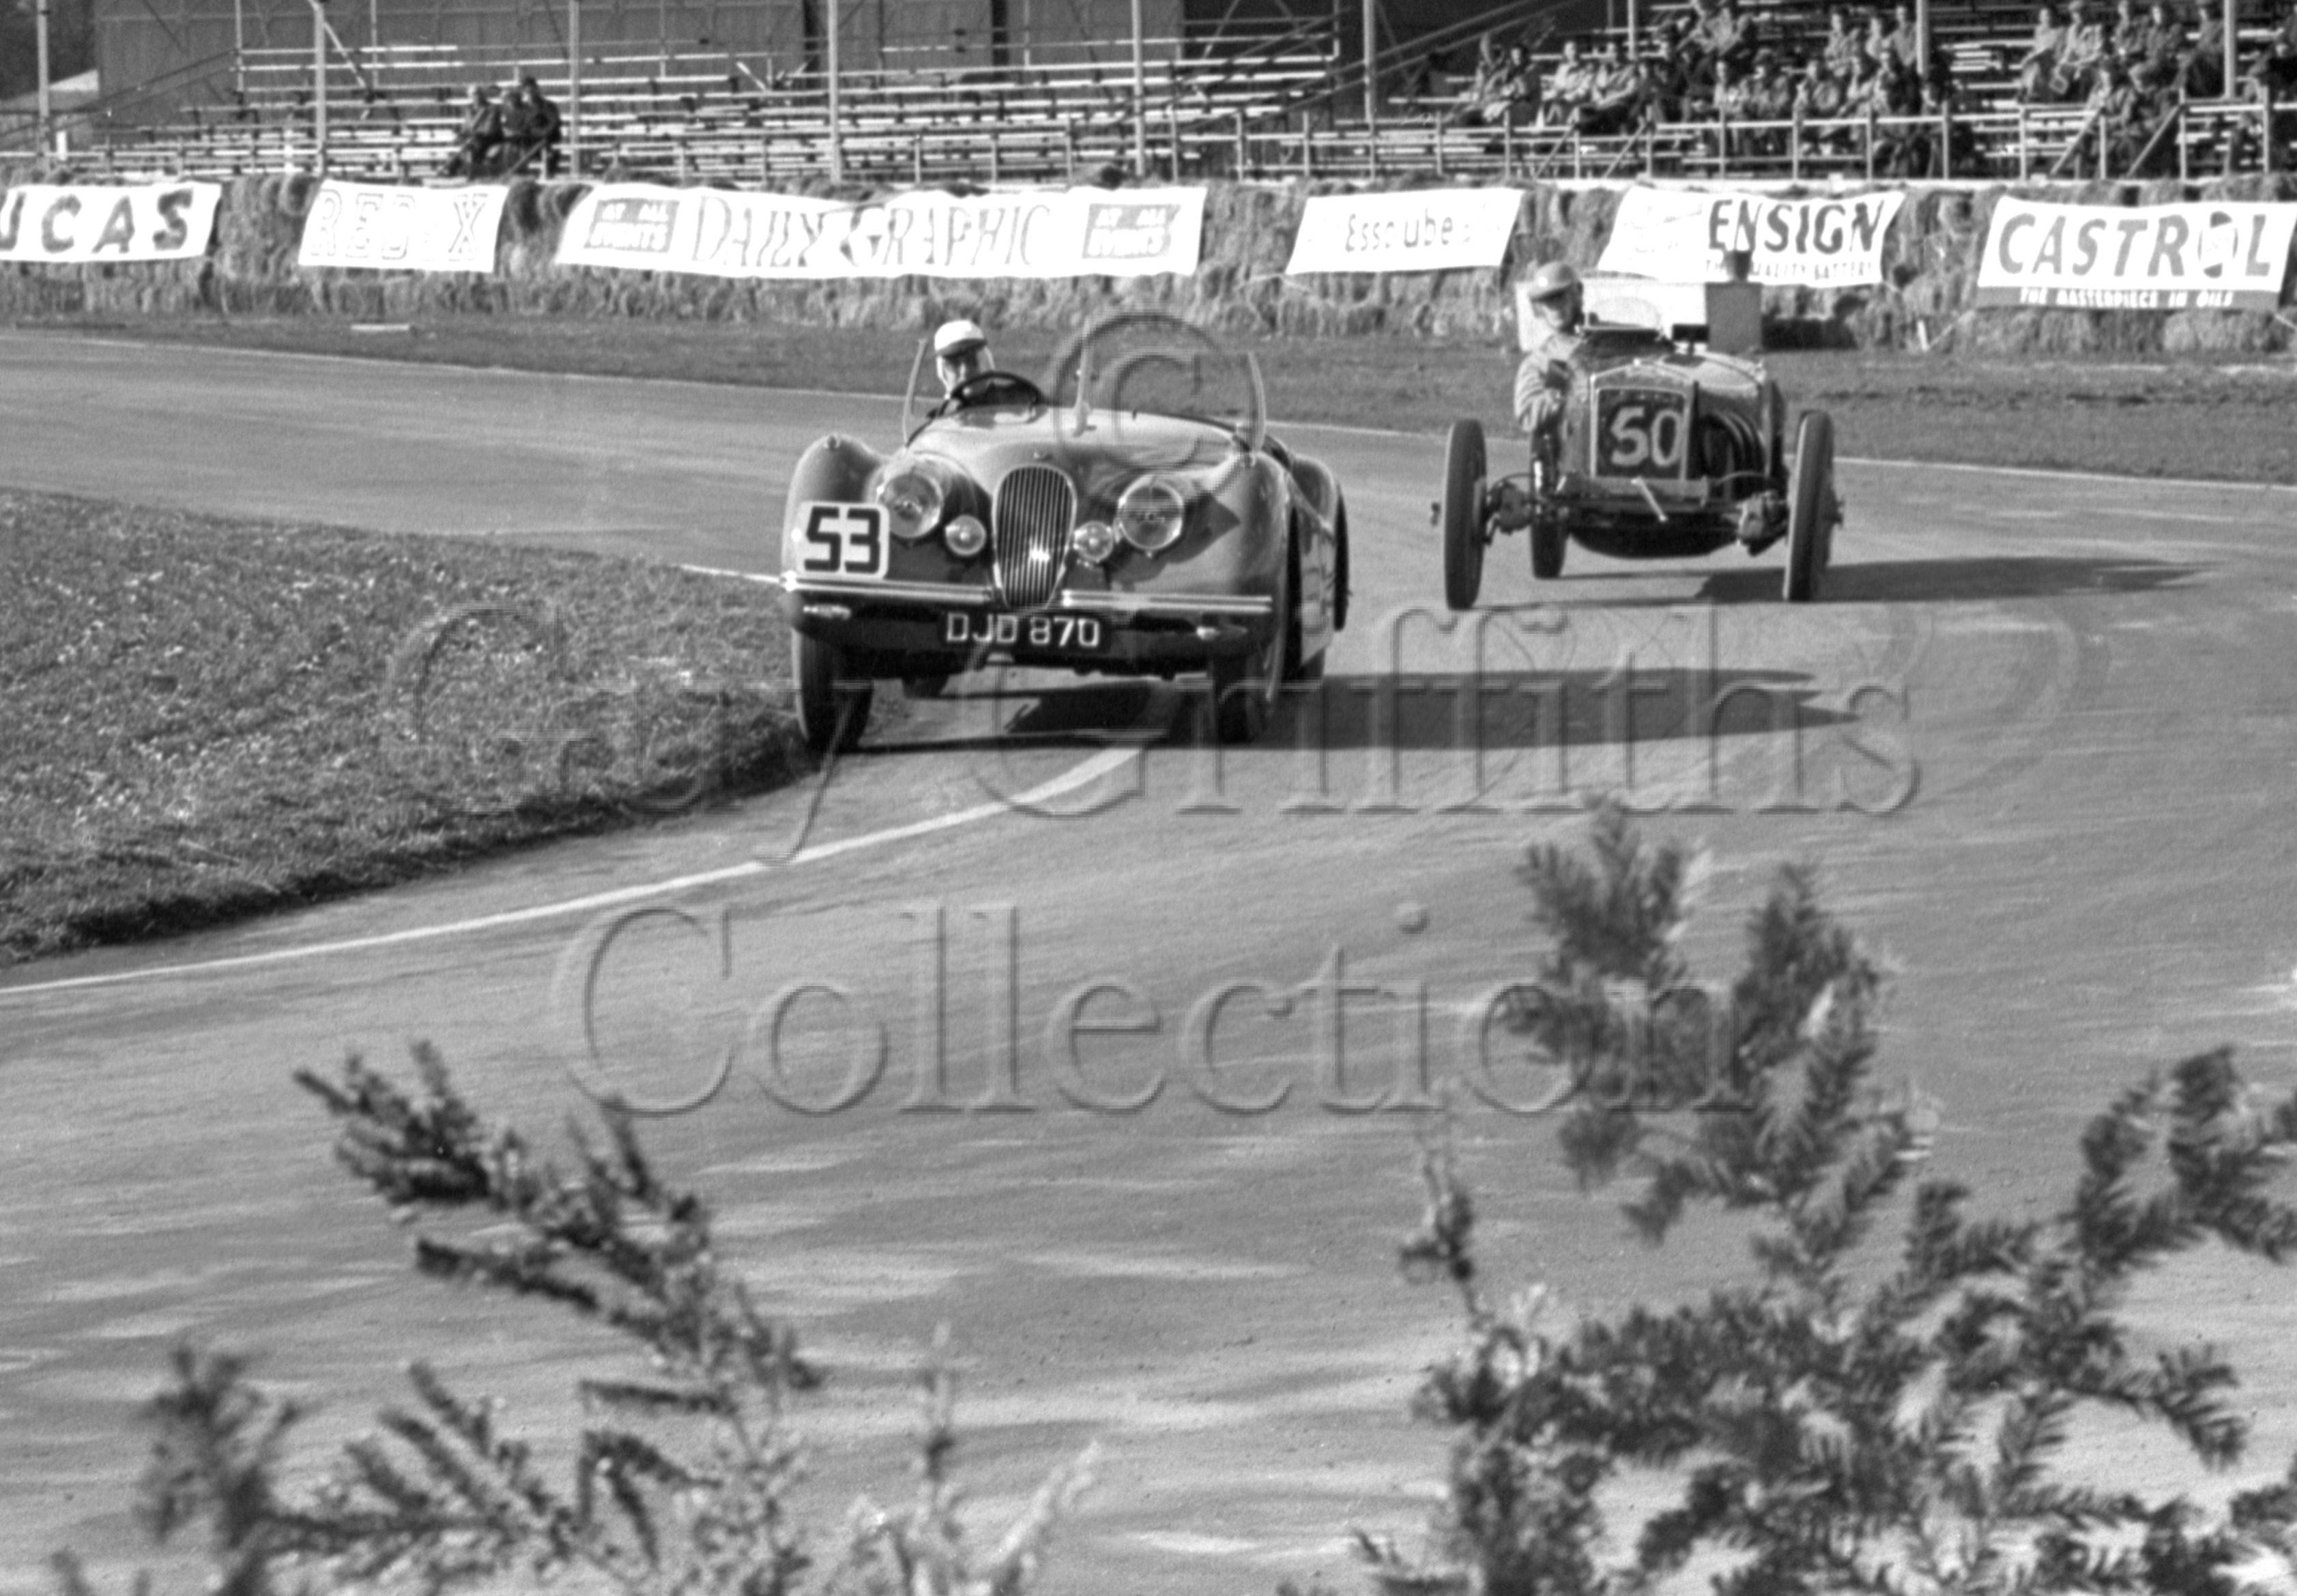 39-532–J-Rockman–Jaguar–Goodwood–26-03-1951.jpg - The Guy Griffiths Collection